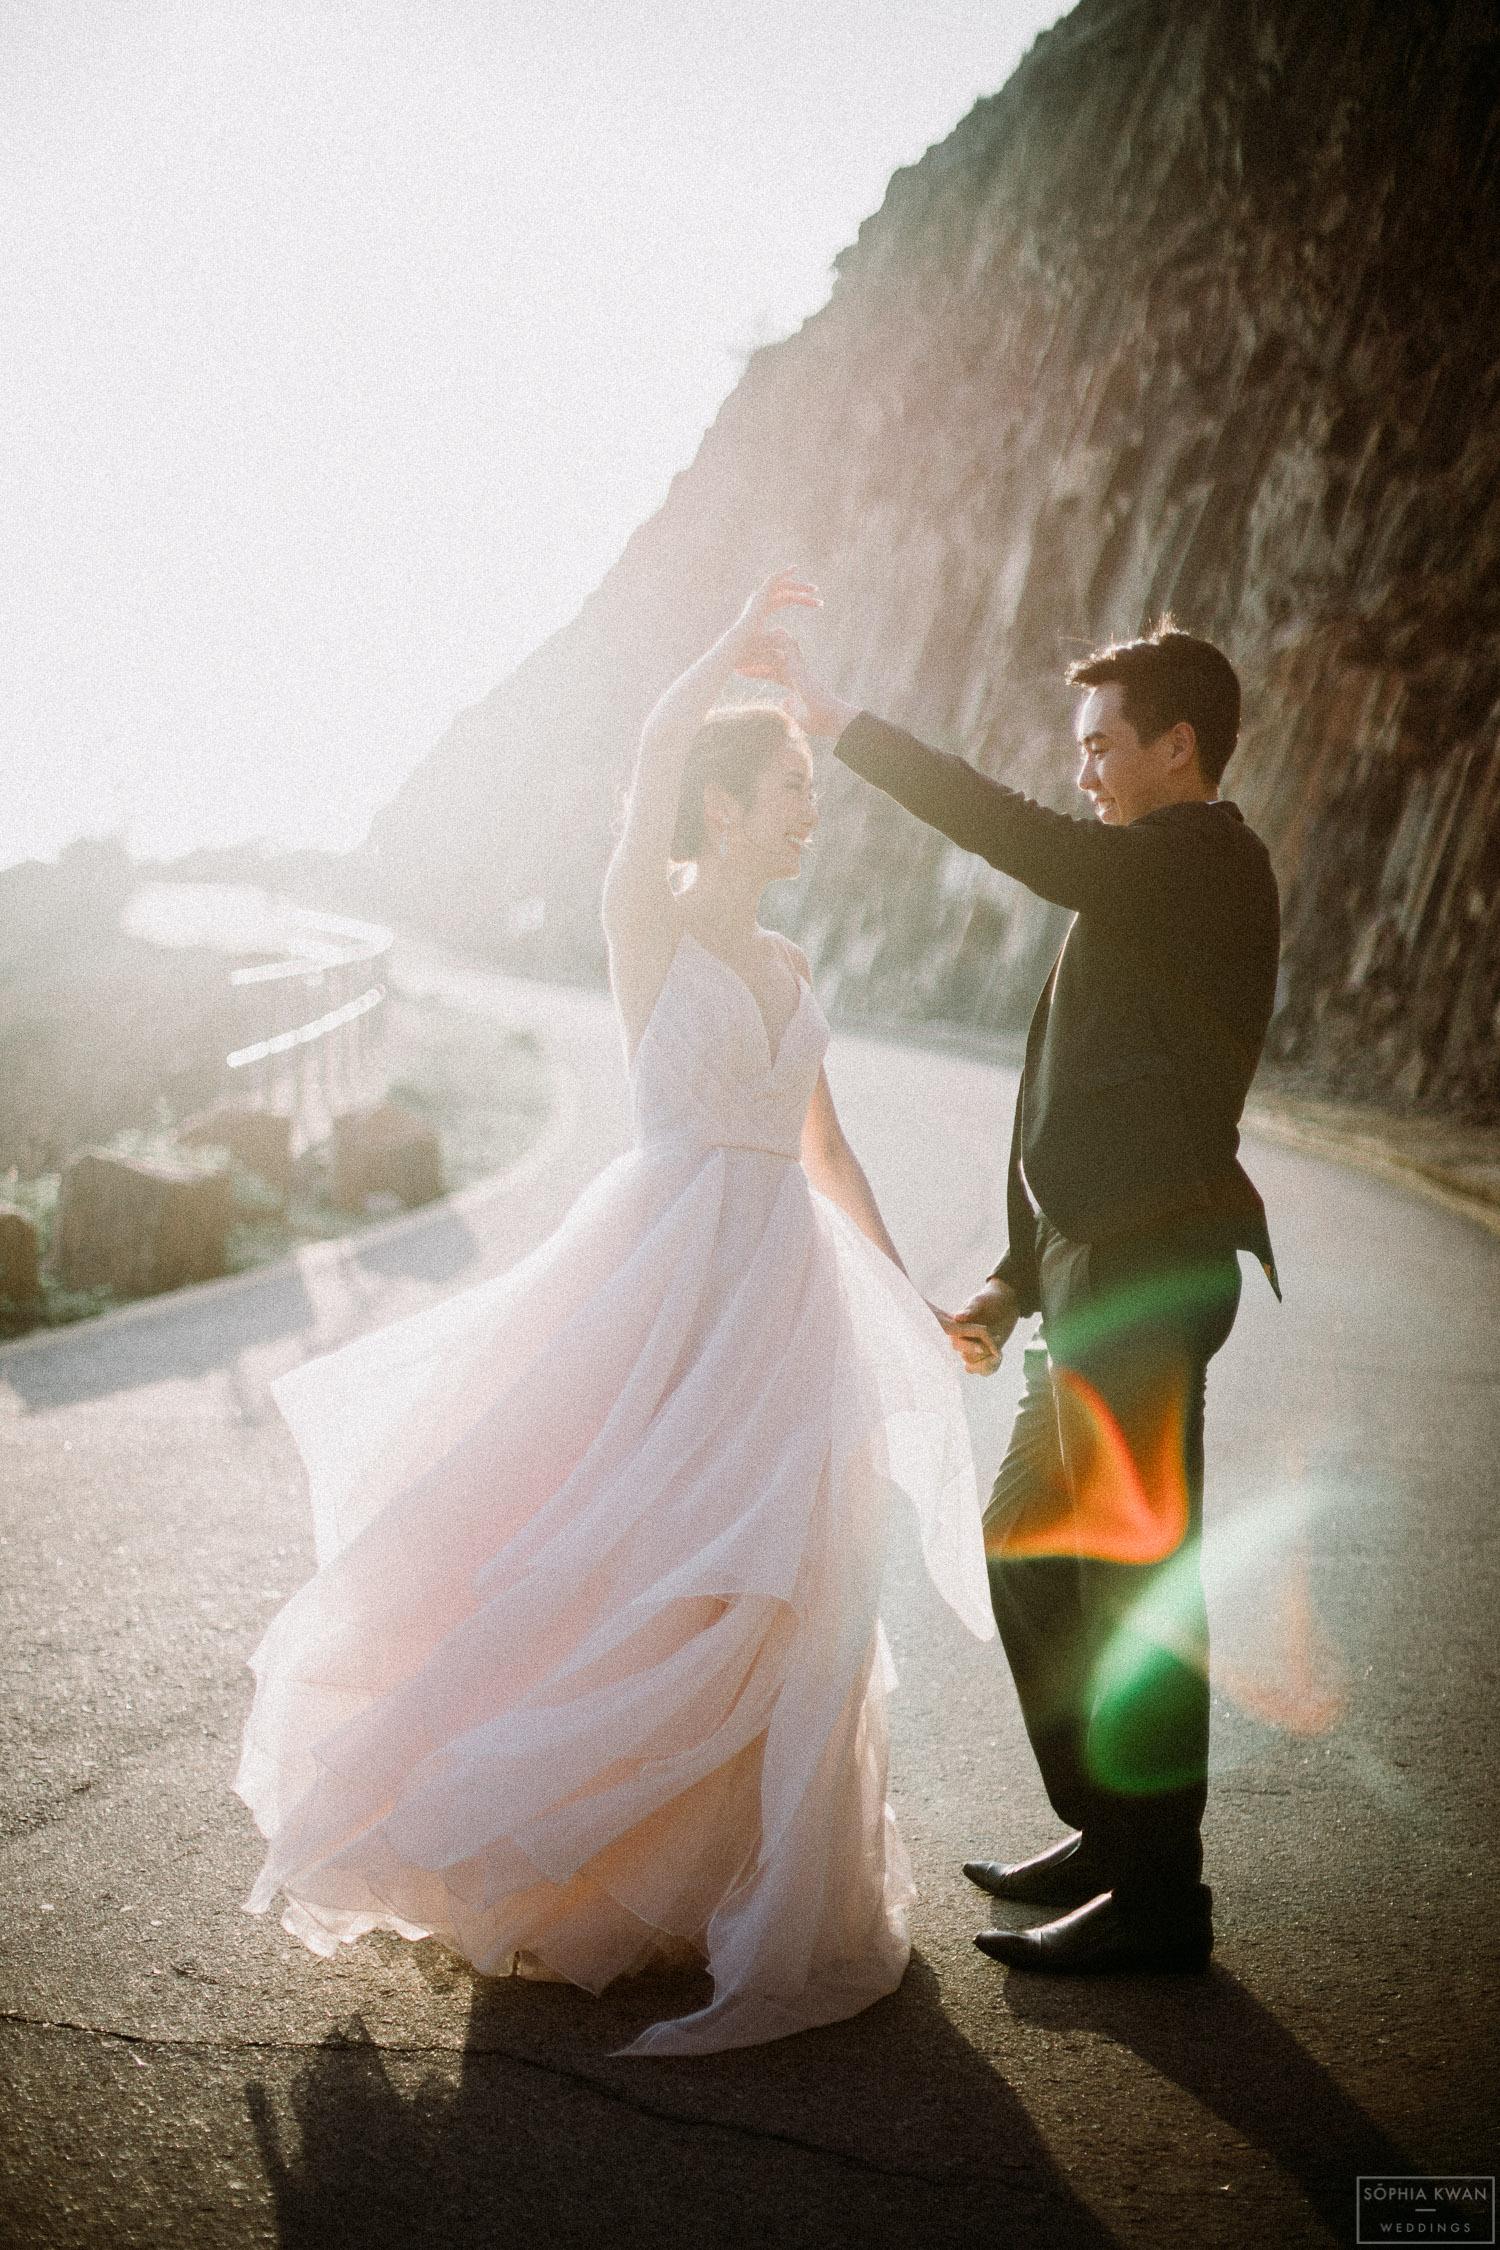 24-kd-sophia-kwan-weddings.jpg